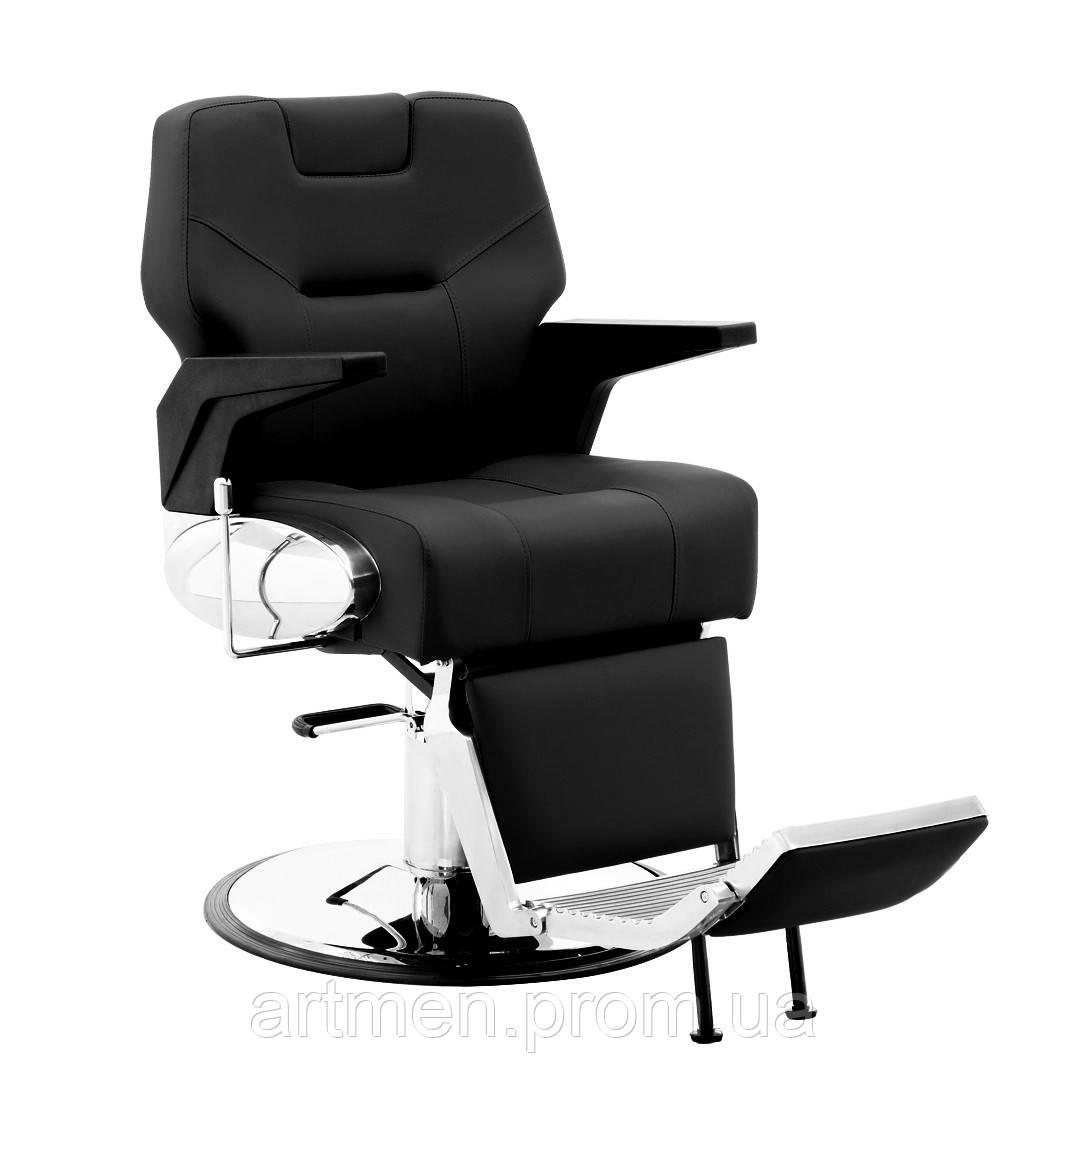 Кресло парикмахерское BERNARD